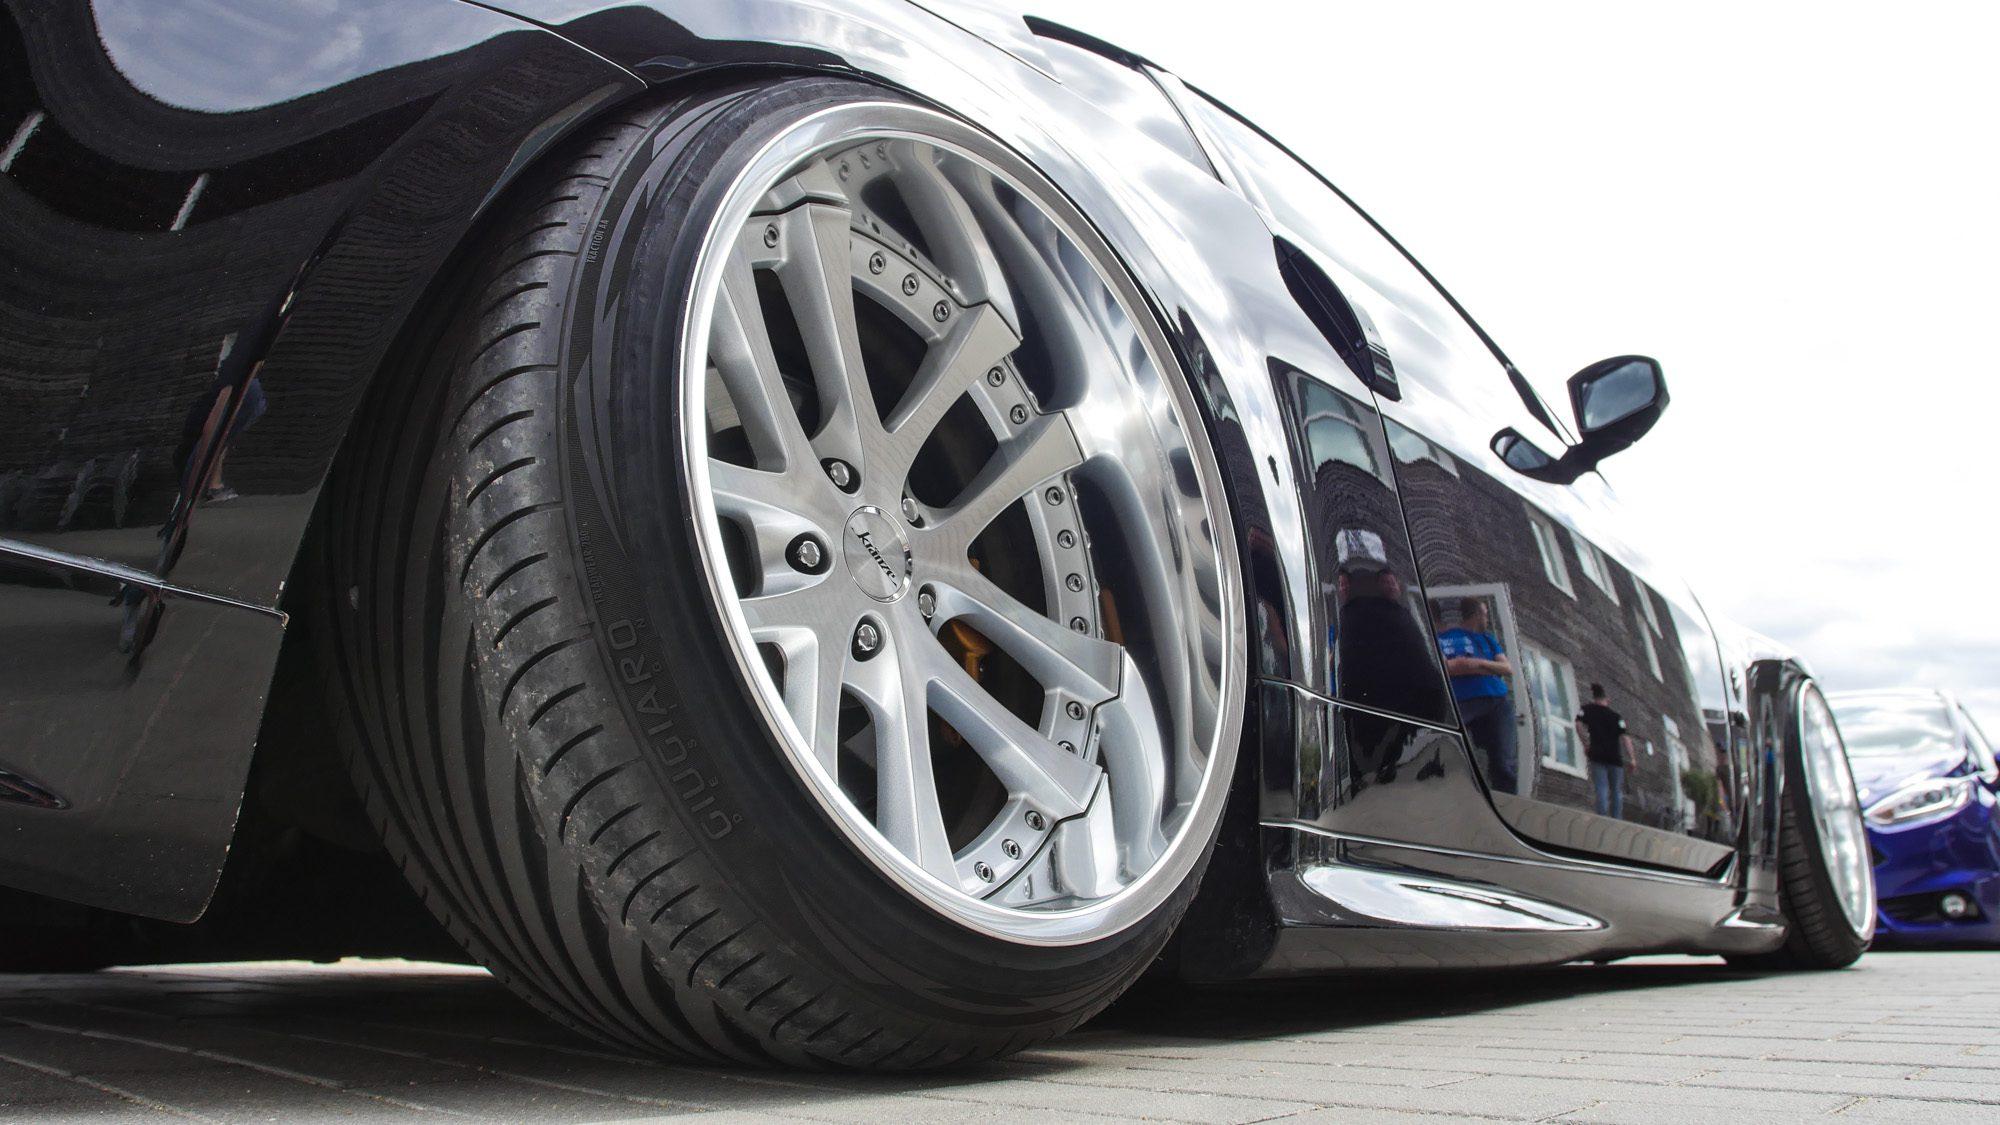 Kränze-Räder mit ordentlich Tiefbett auf dem Nissan 350Z